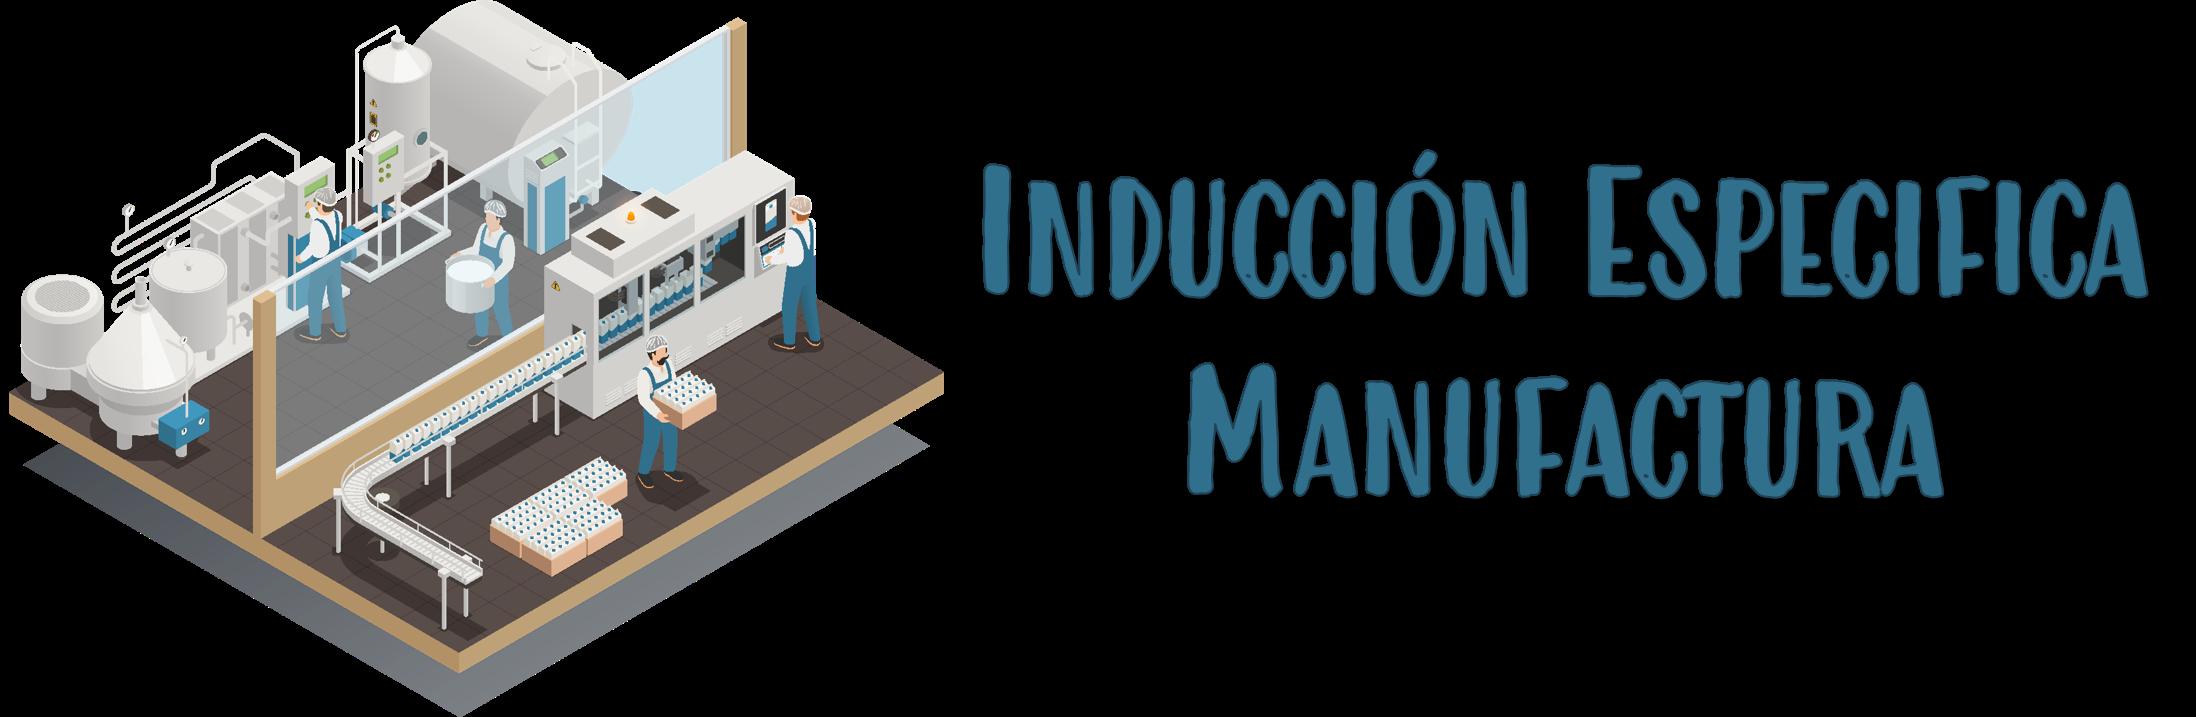 Inducción Específica Manufactura -Regional